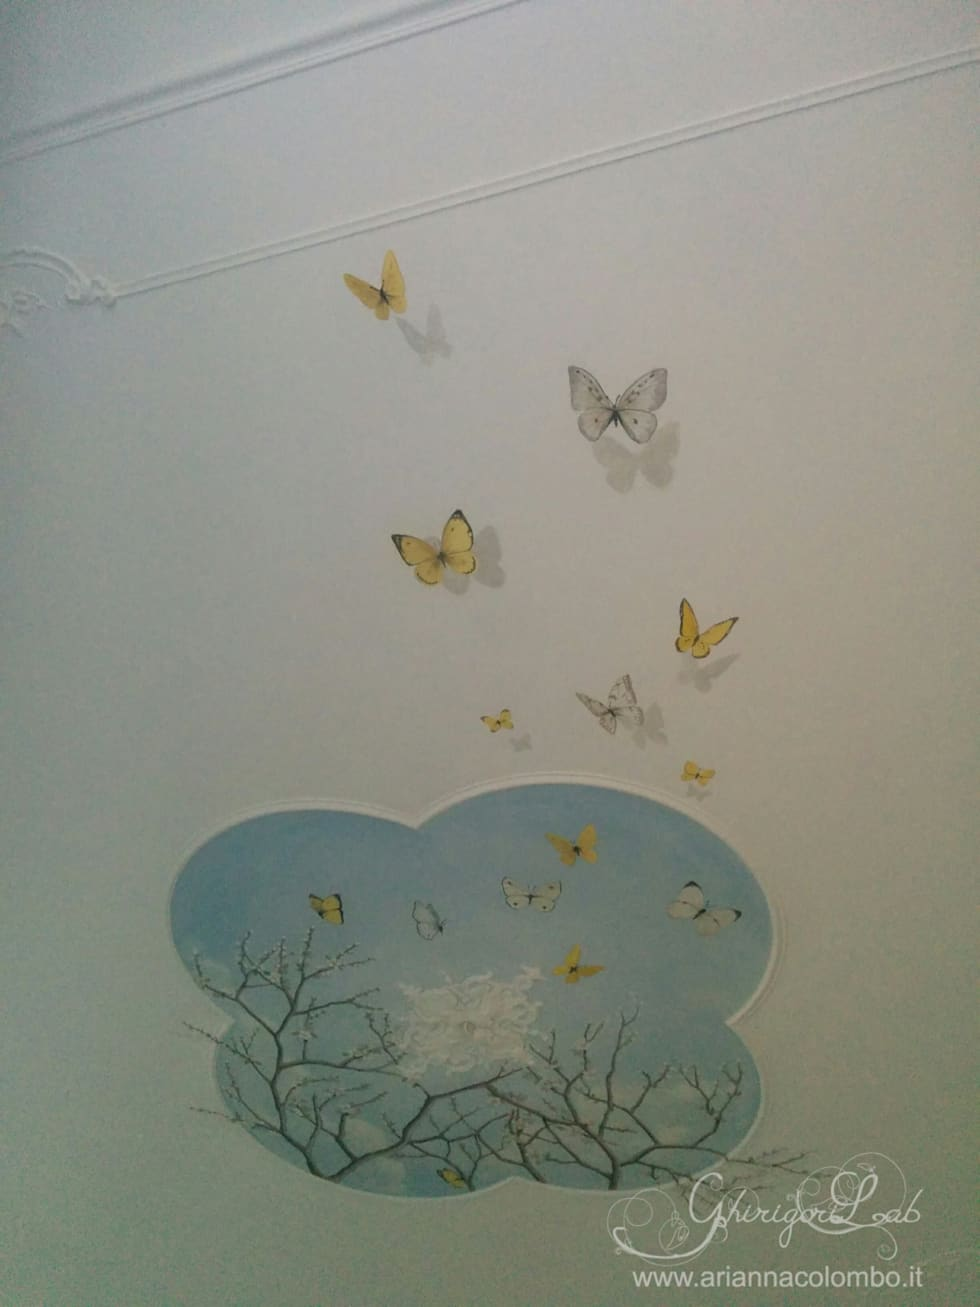 Cielo, rami di pesco e farfalle su soffitto con stucchi : Pareti in stile  di Ghirigori Lab di Arianna Colombo